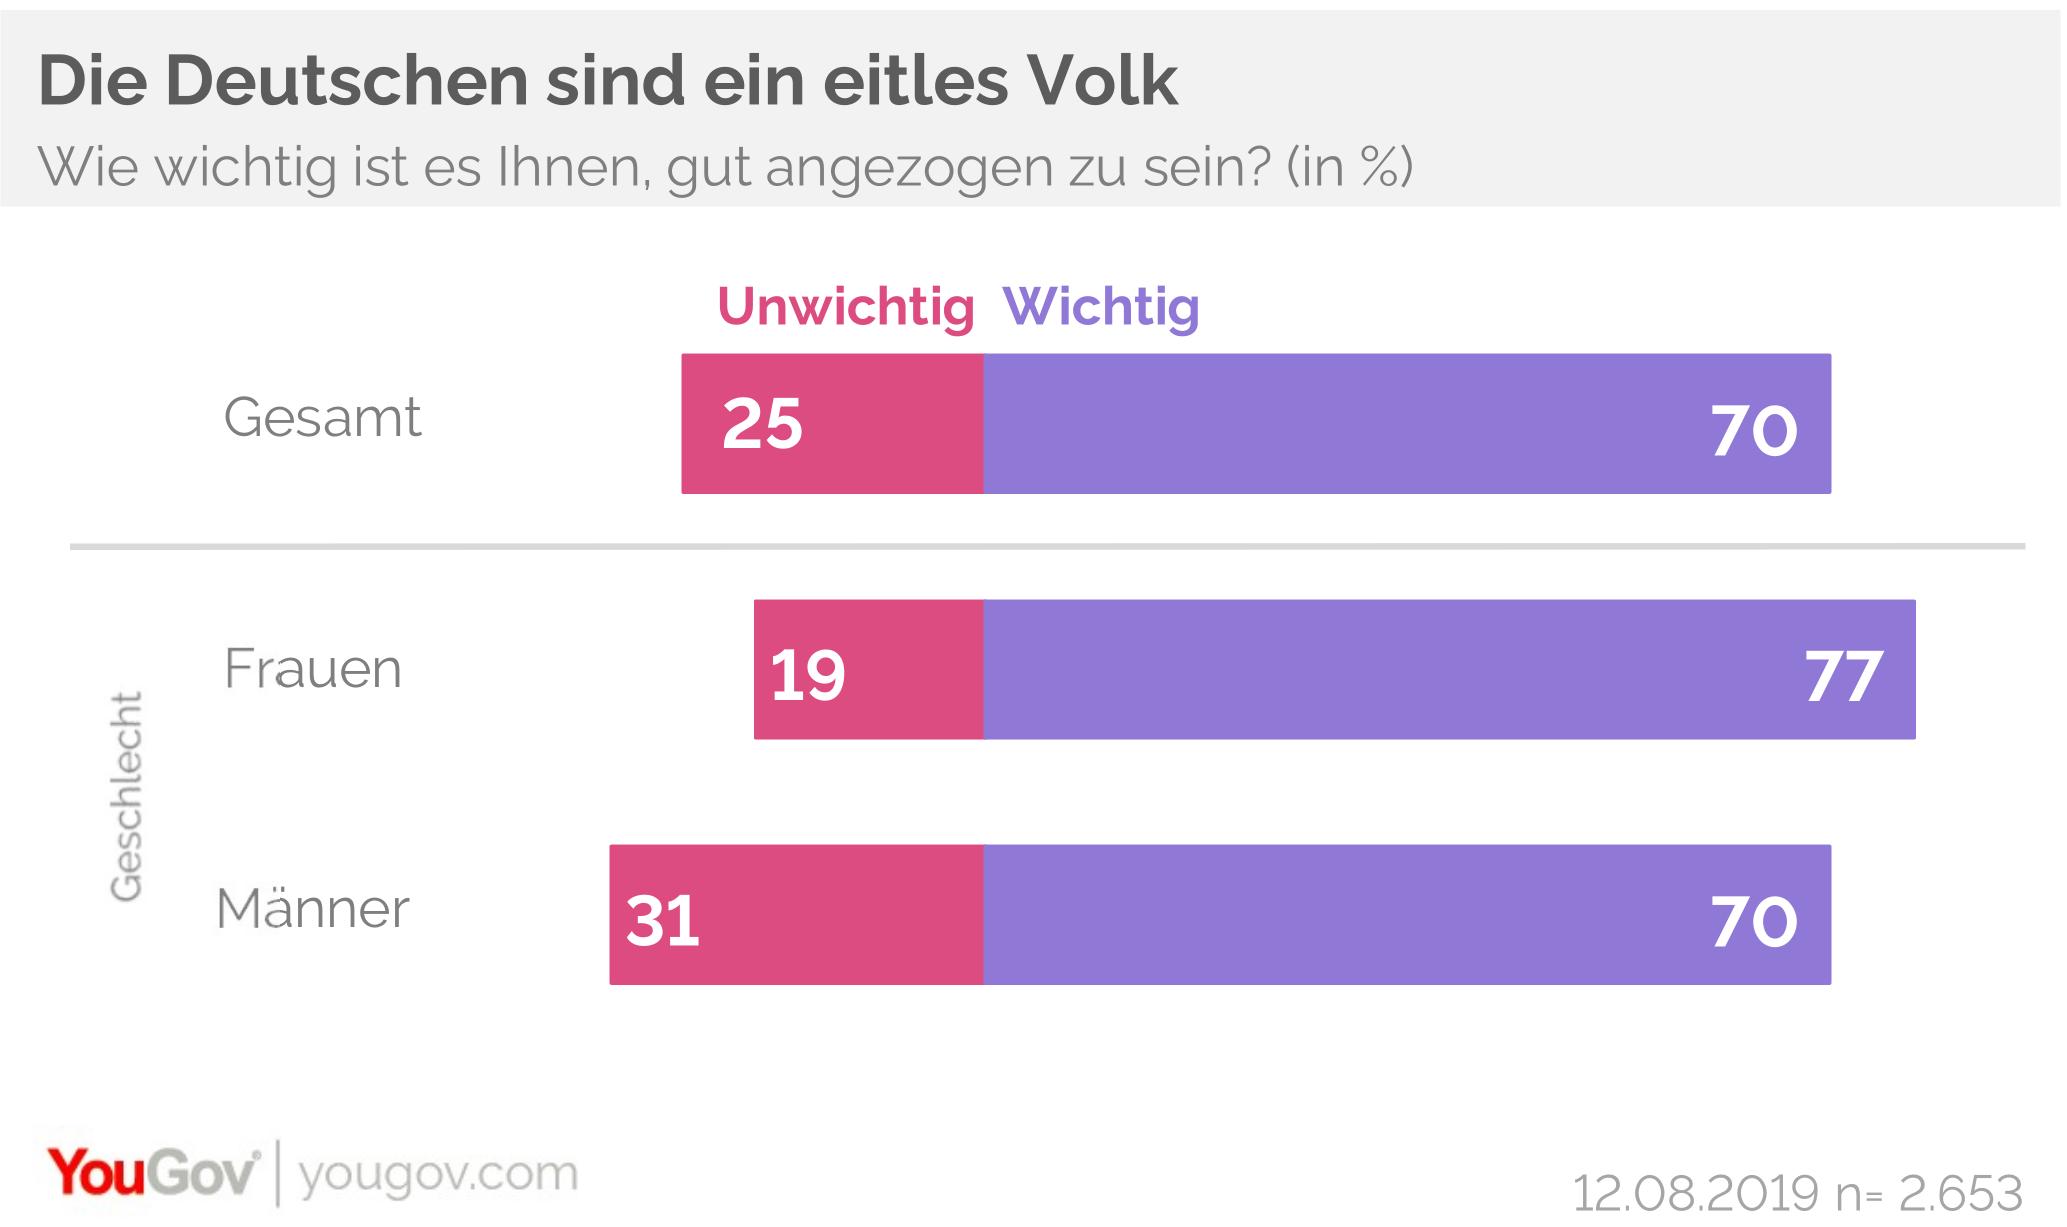 Die Deutschen sind ein eitles Volk